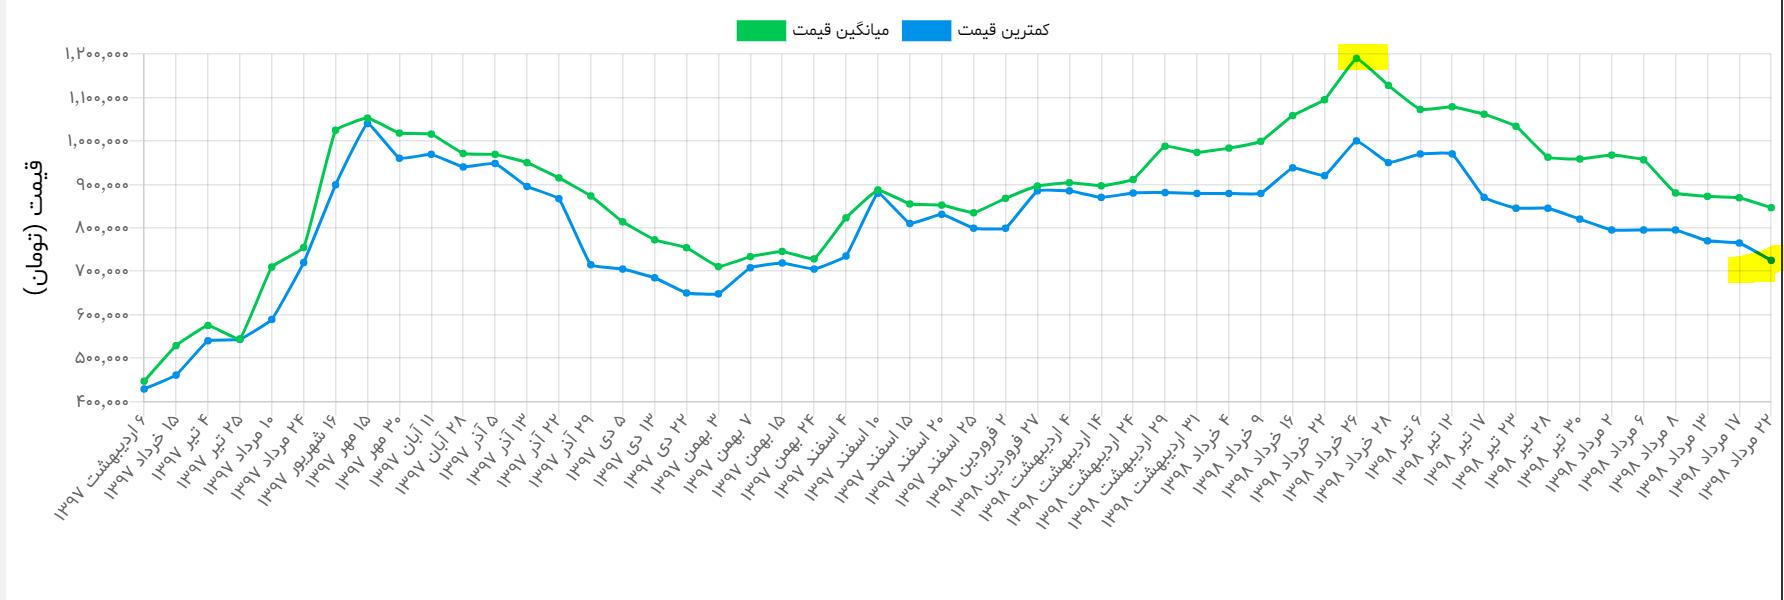 آخرین قیمت موبایل در بازار